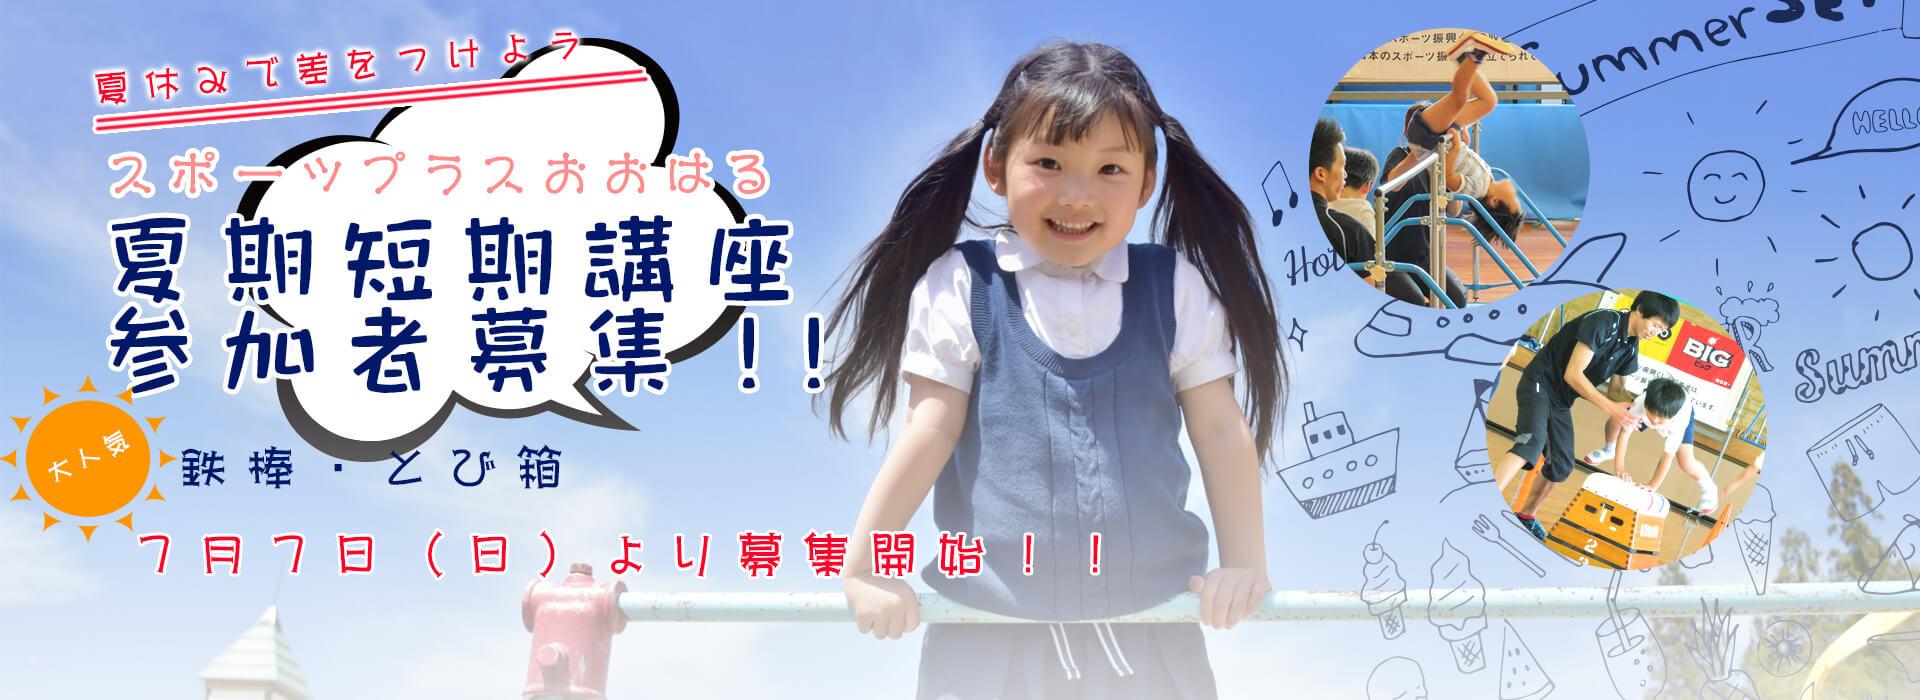 2019鉄棒・とび箱チャレンジ教室